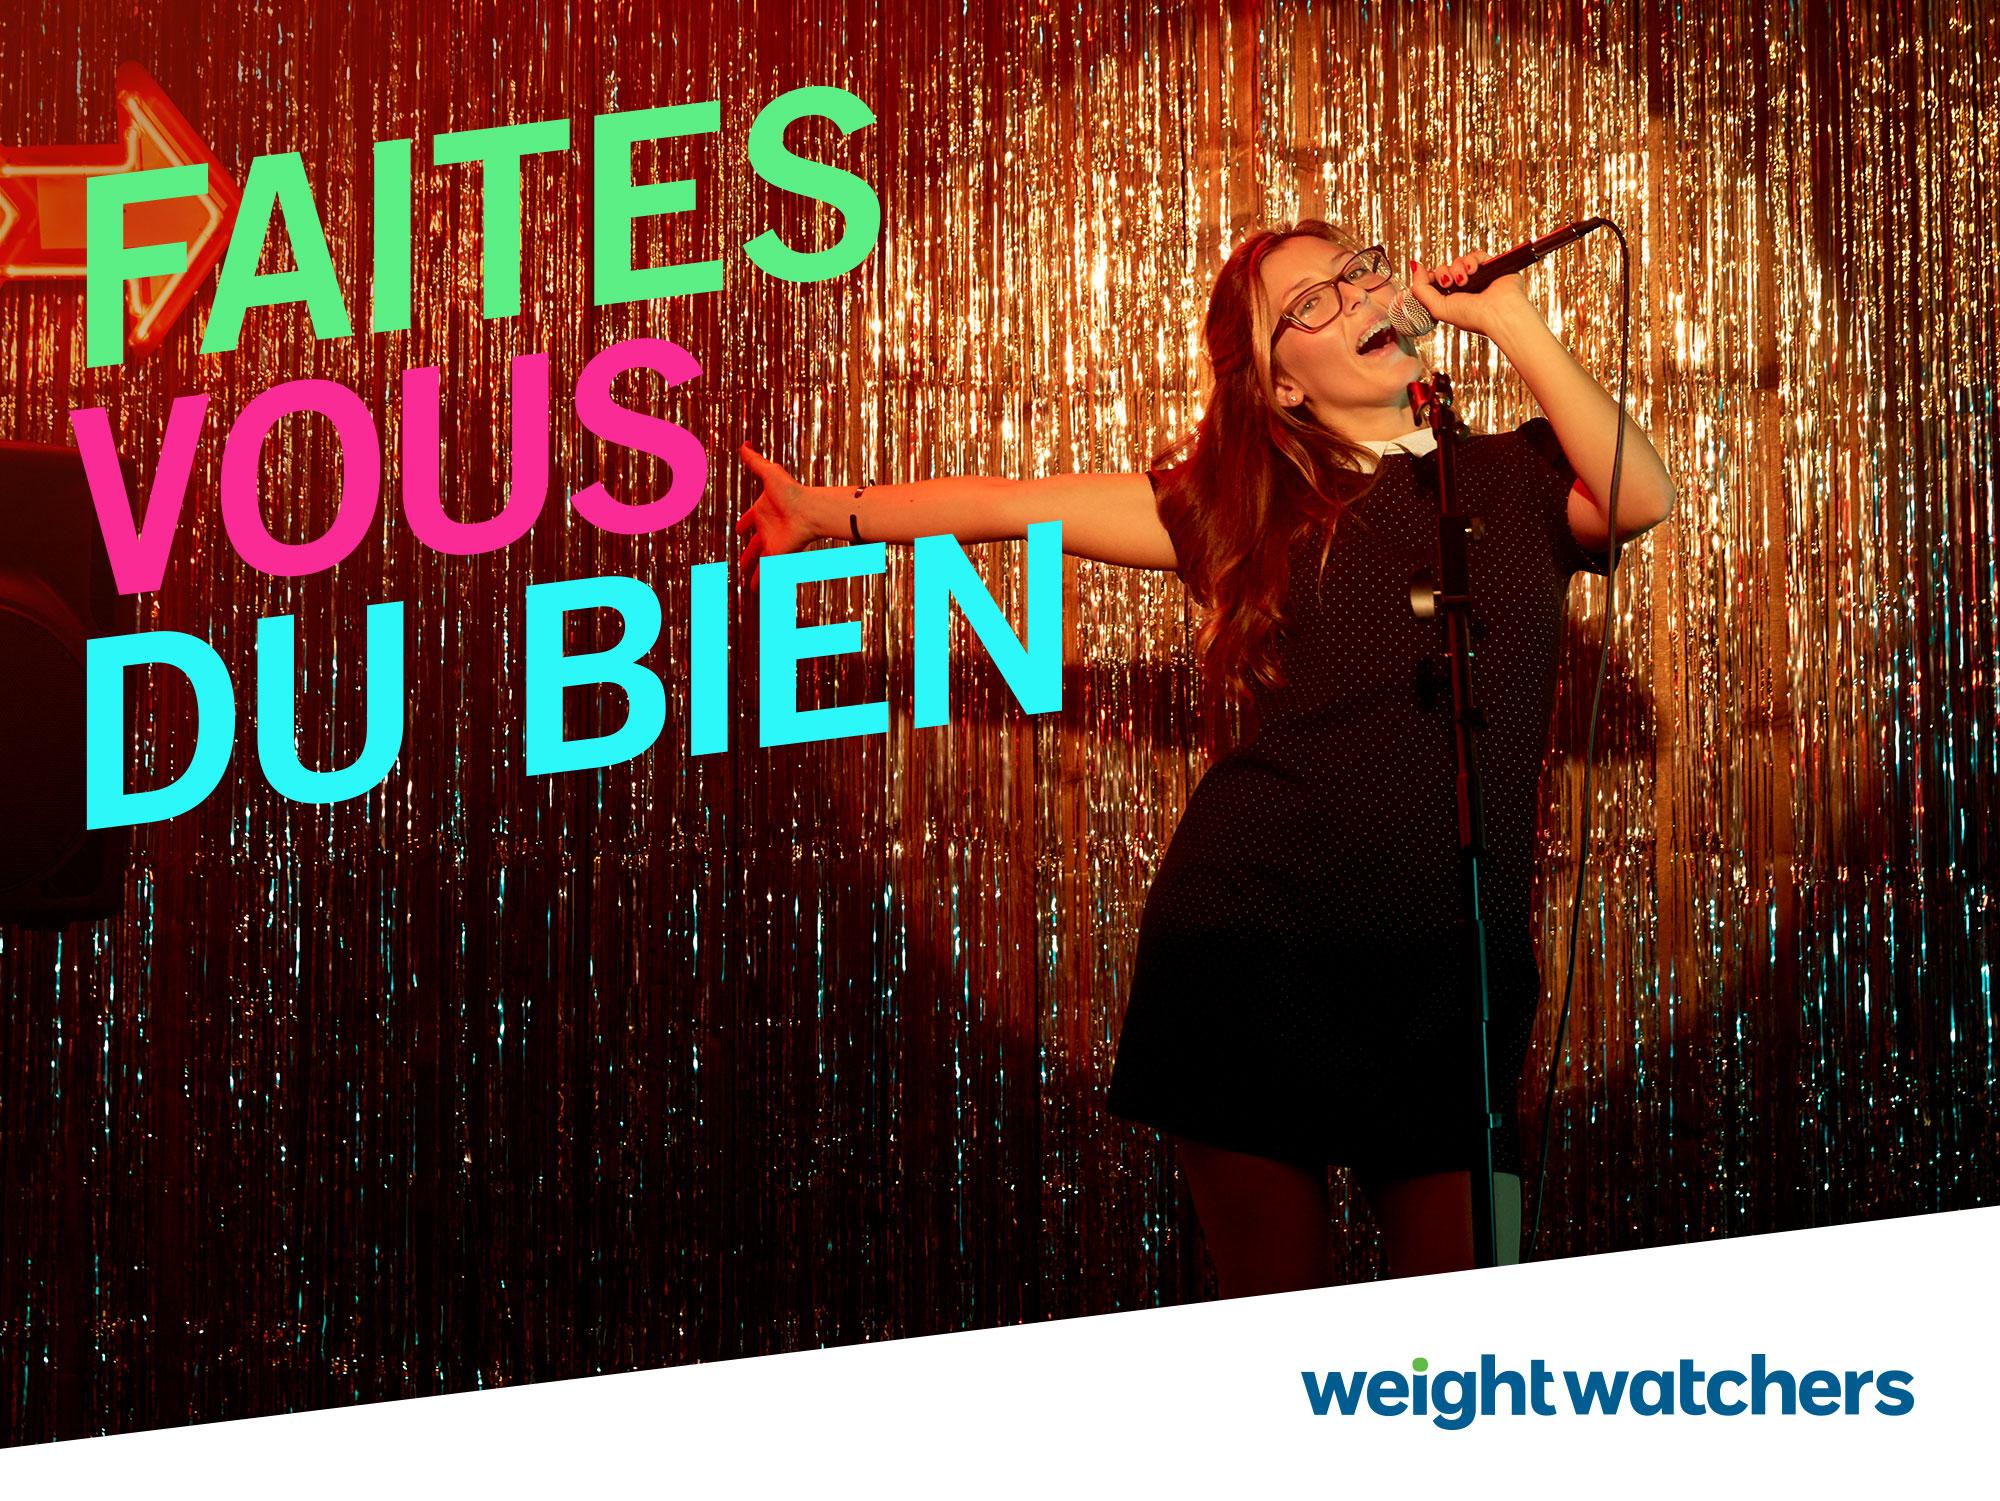 WeightWatchers_03